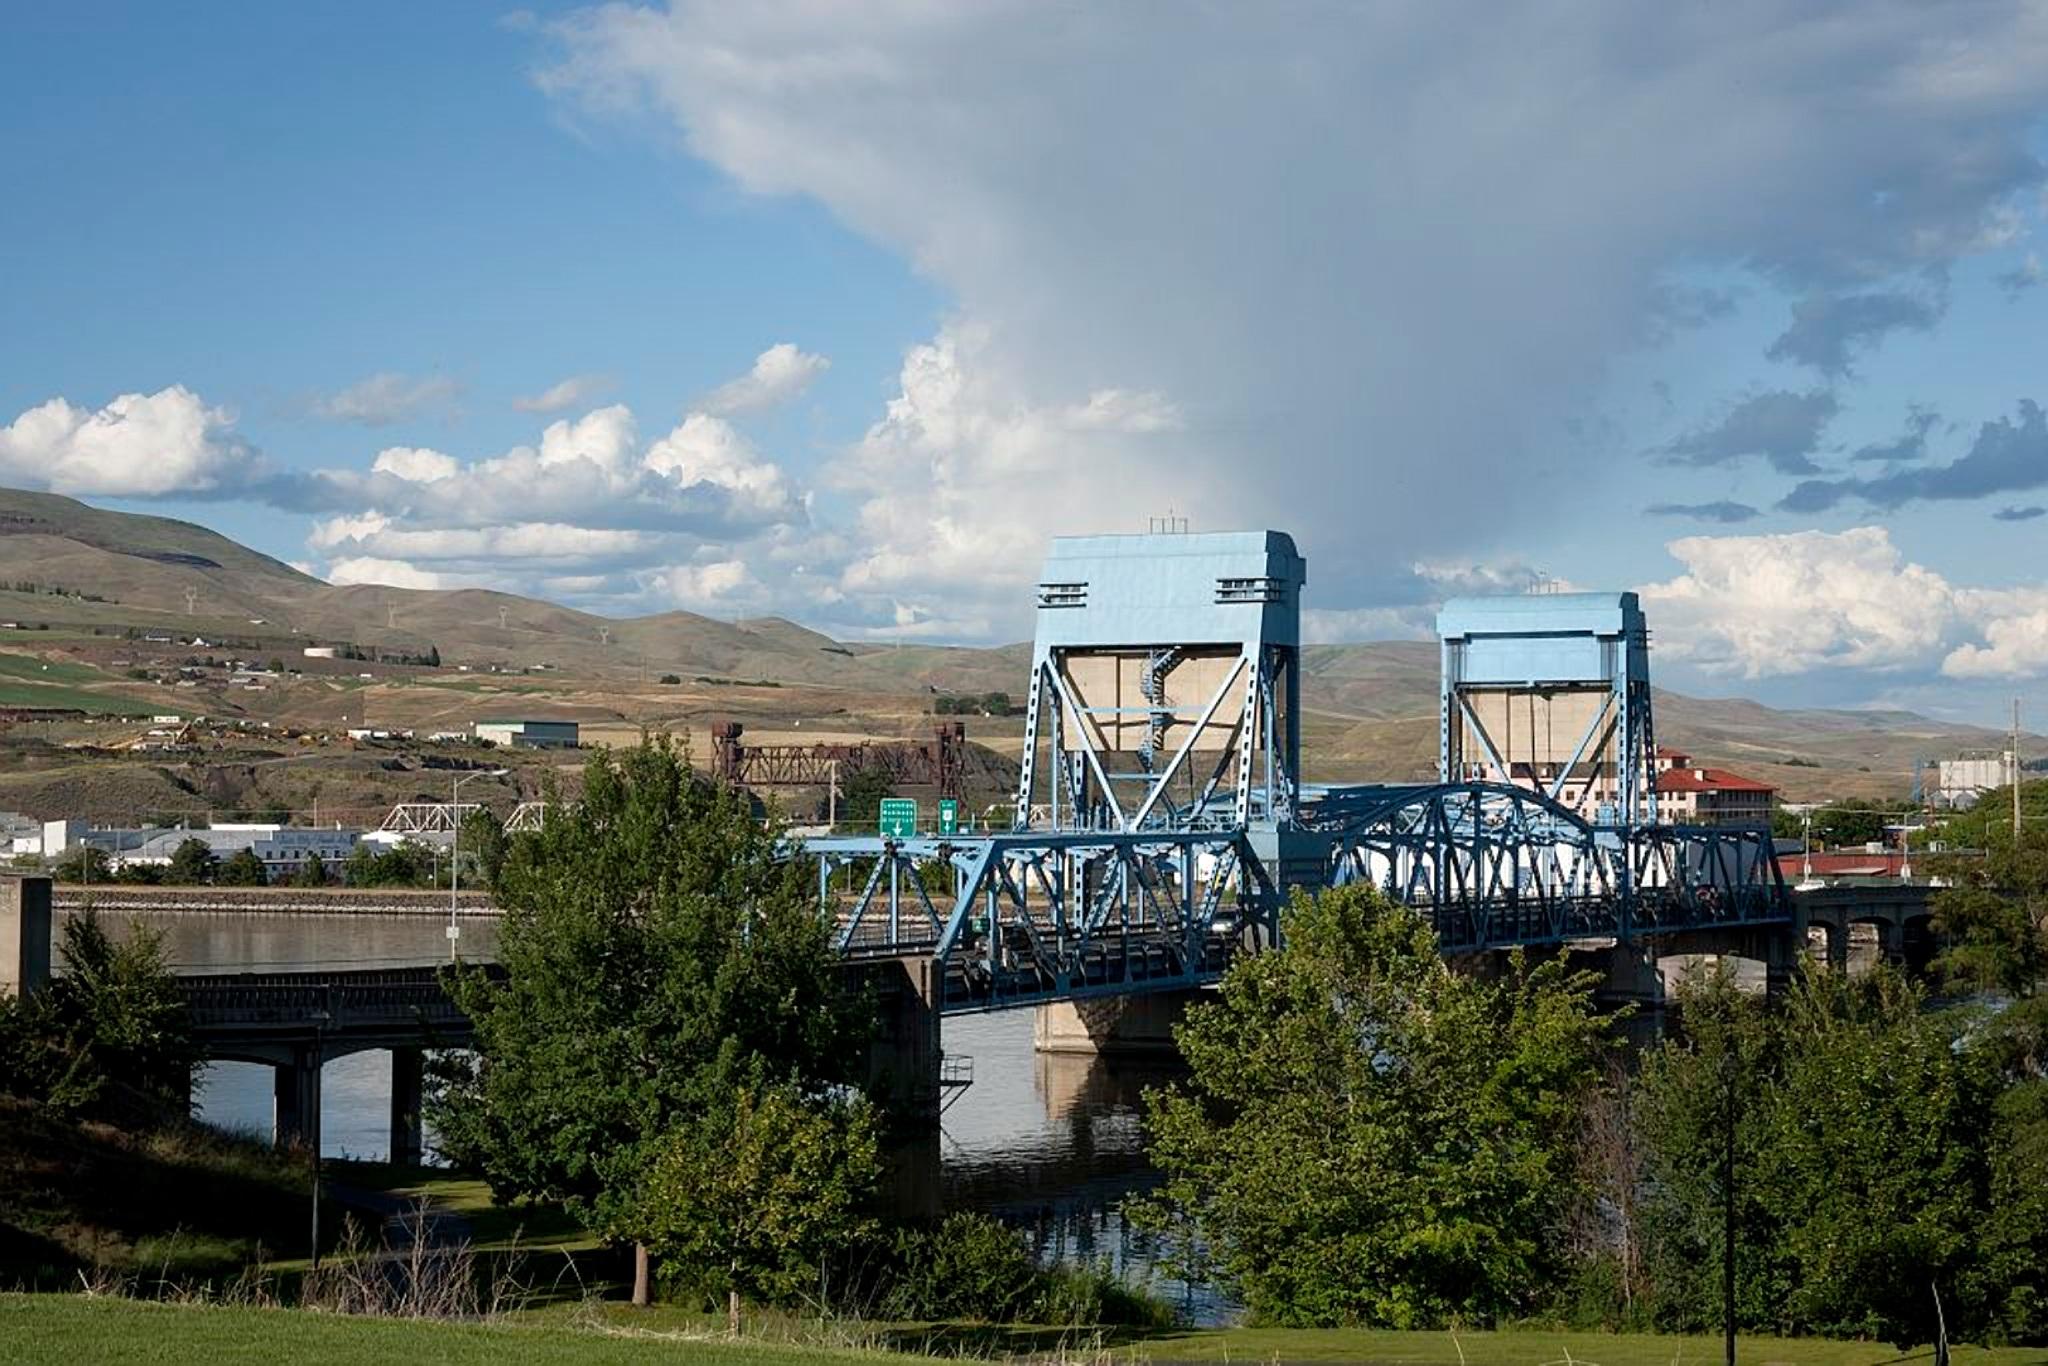 bridge-996340.jpg